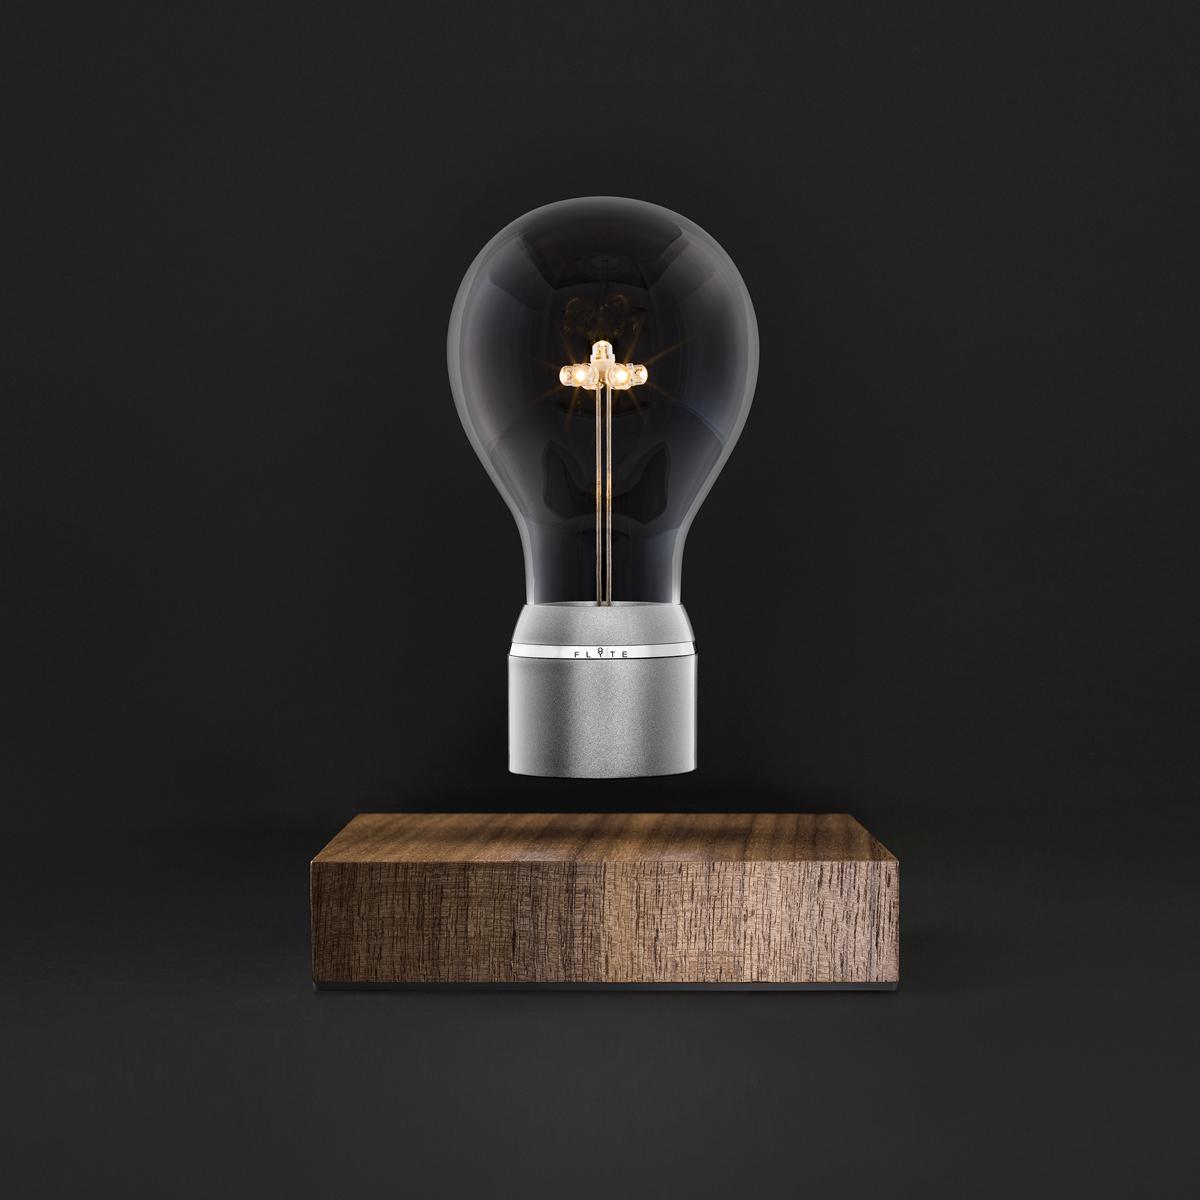 磁力で宙に浮くLED電球(Manhattan) | FLYTE